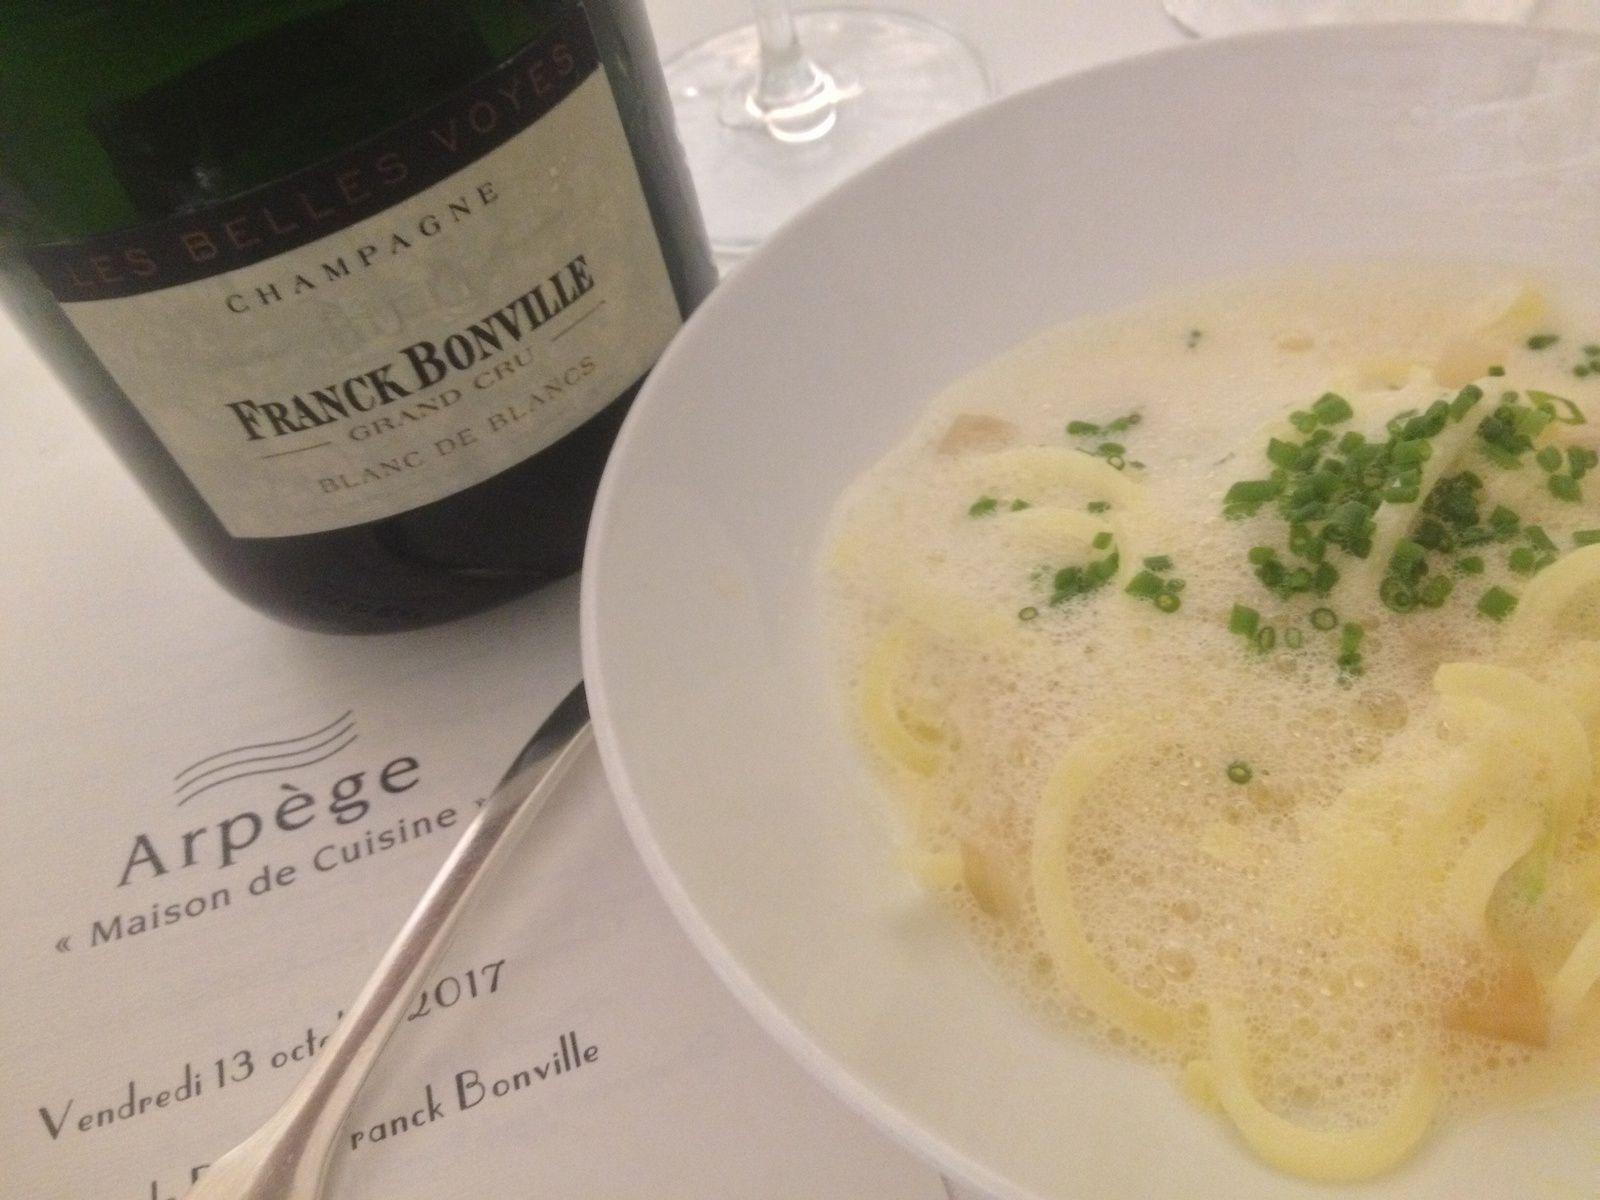 Les champagnes Franck Bonville en petites lampées et en ... Arpège !